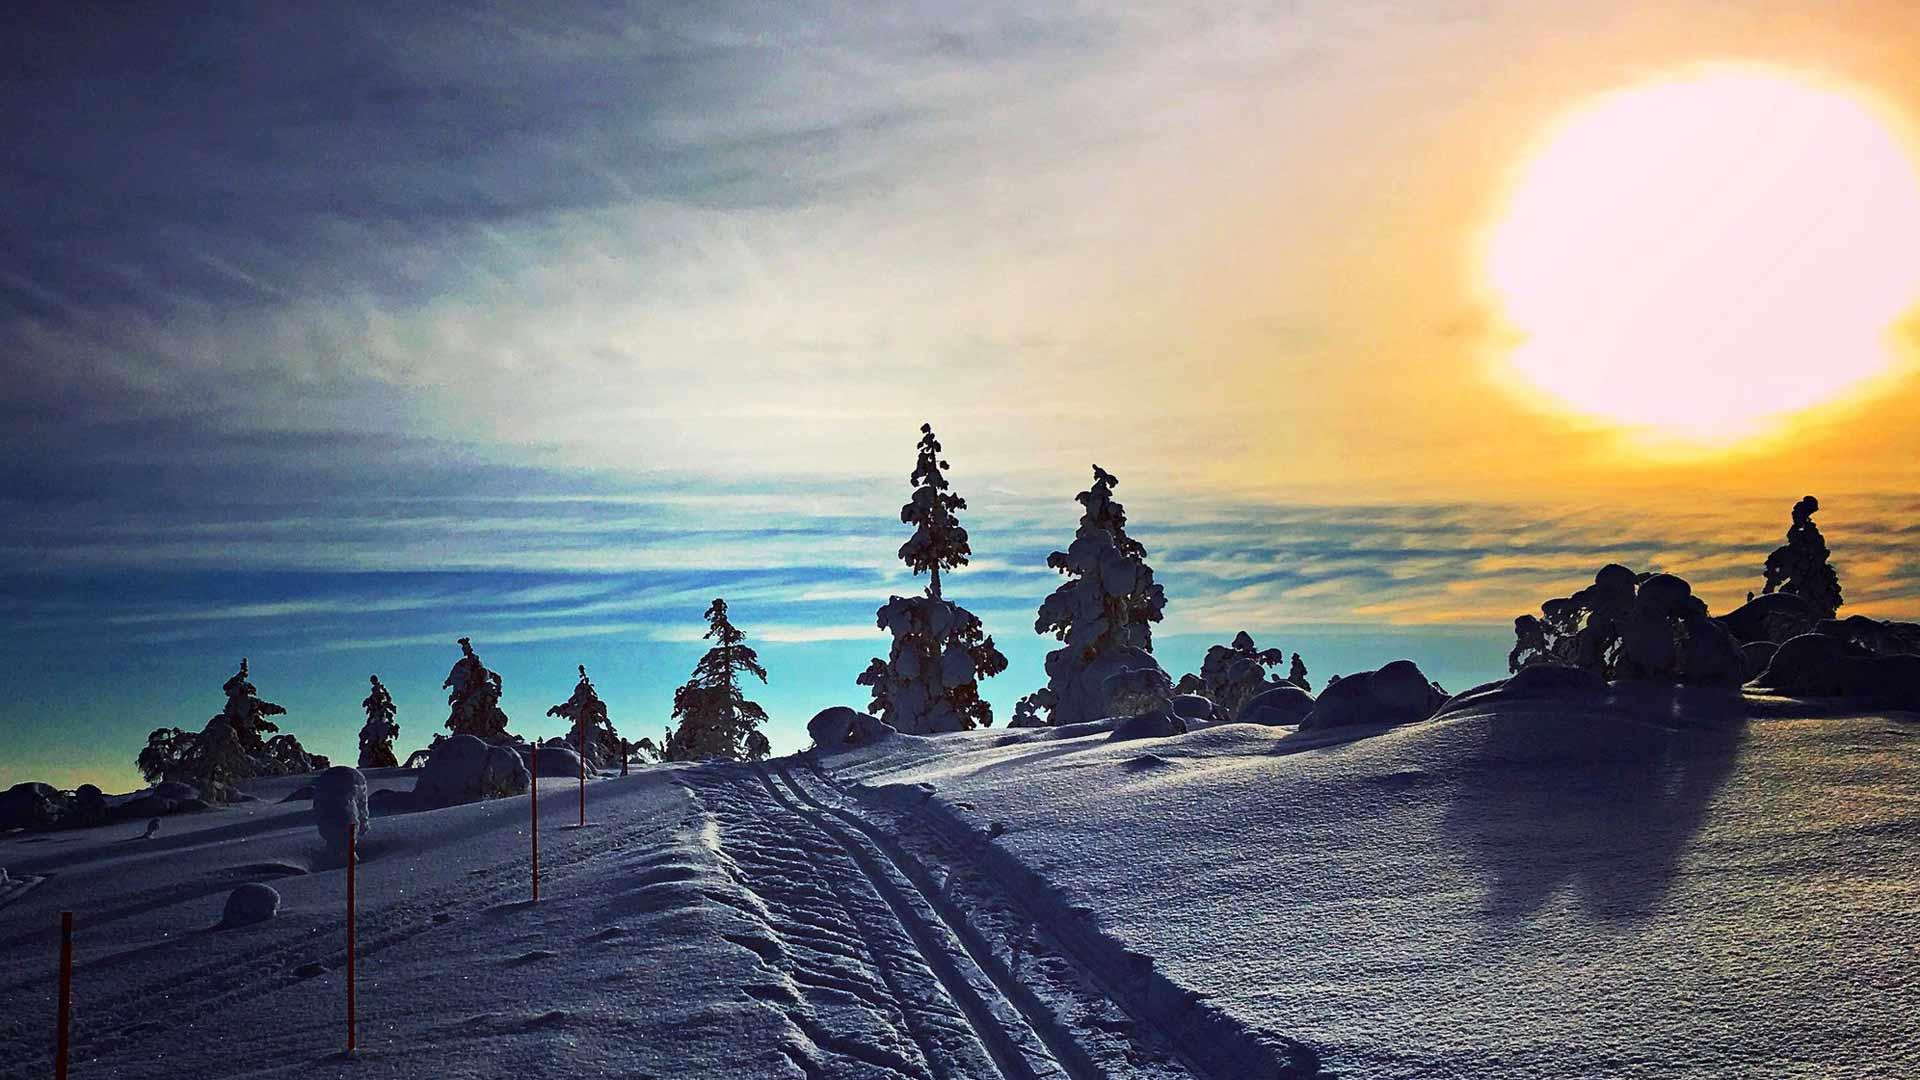 Saariselän erämaaladuilla hiihdetään hiljaa ja nautiskellen.